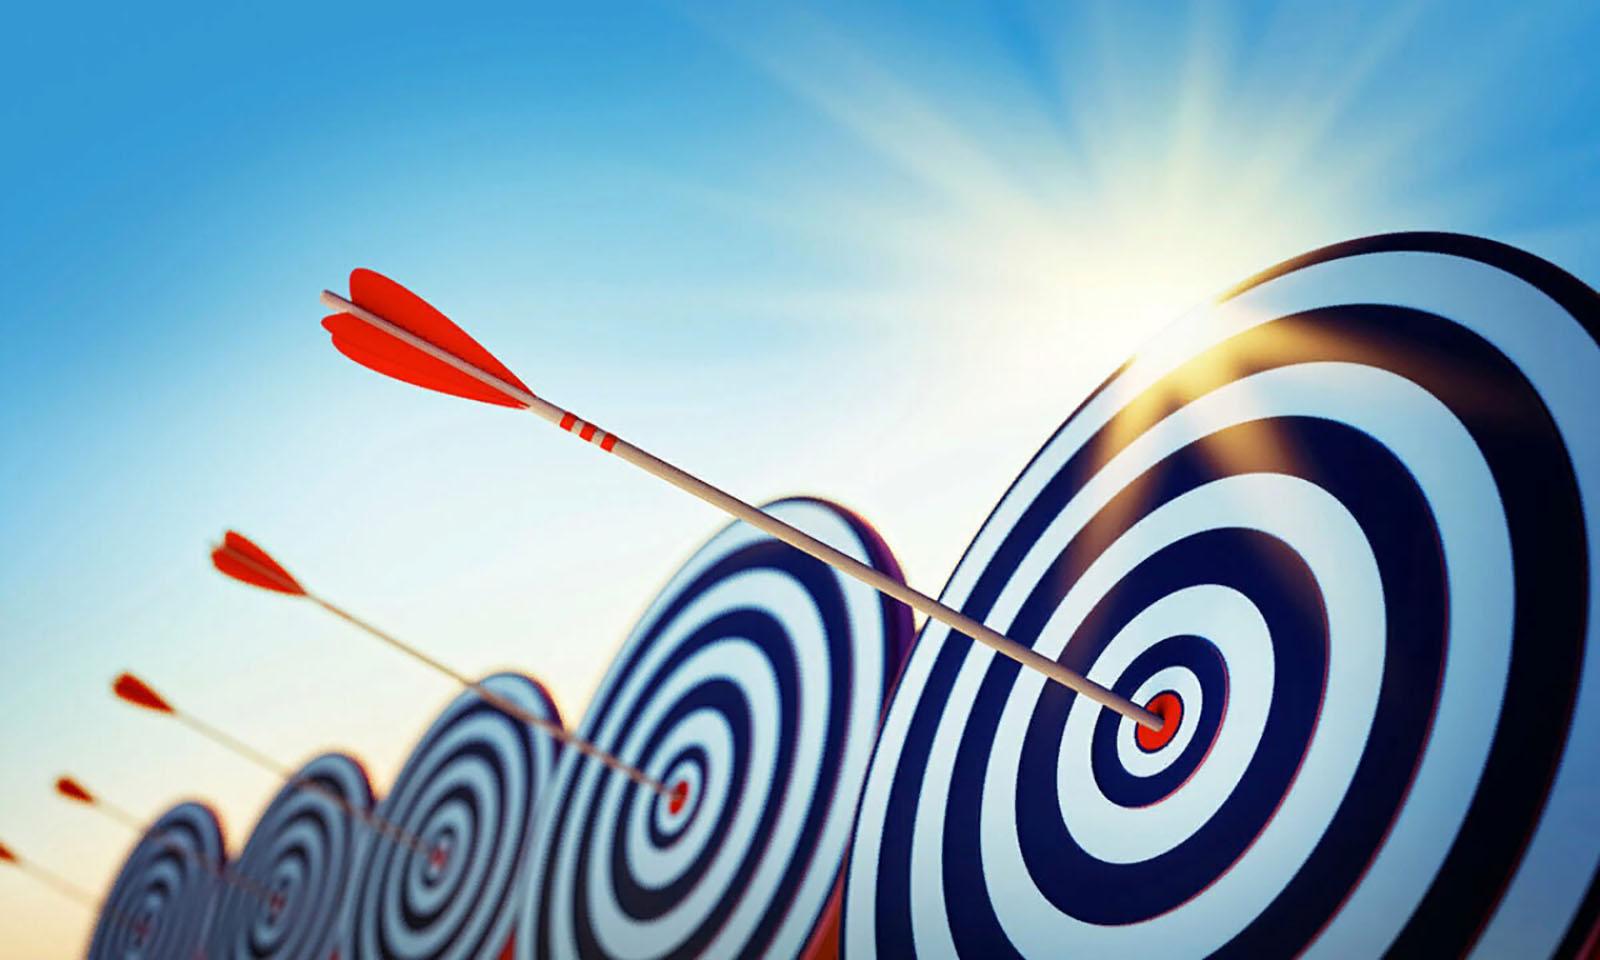 Вебинар: Как ставить амбициозные цели, чтобы достигать их легко